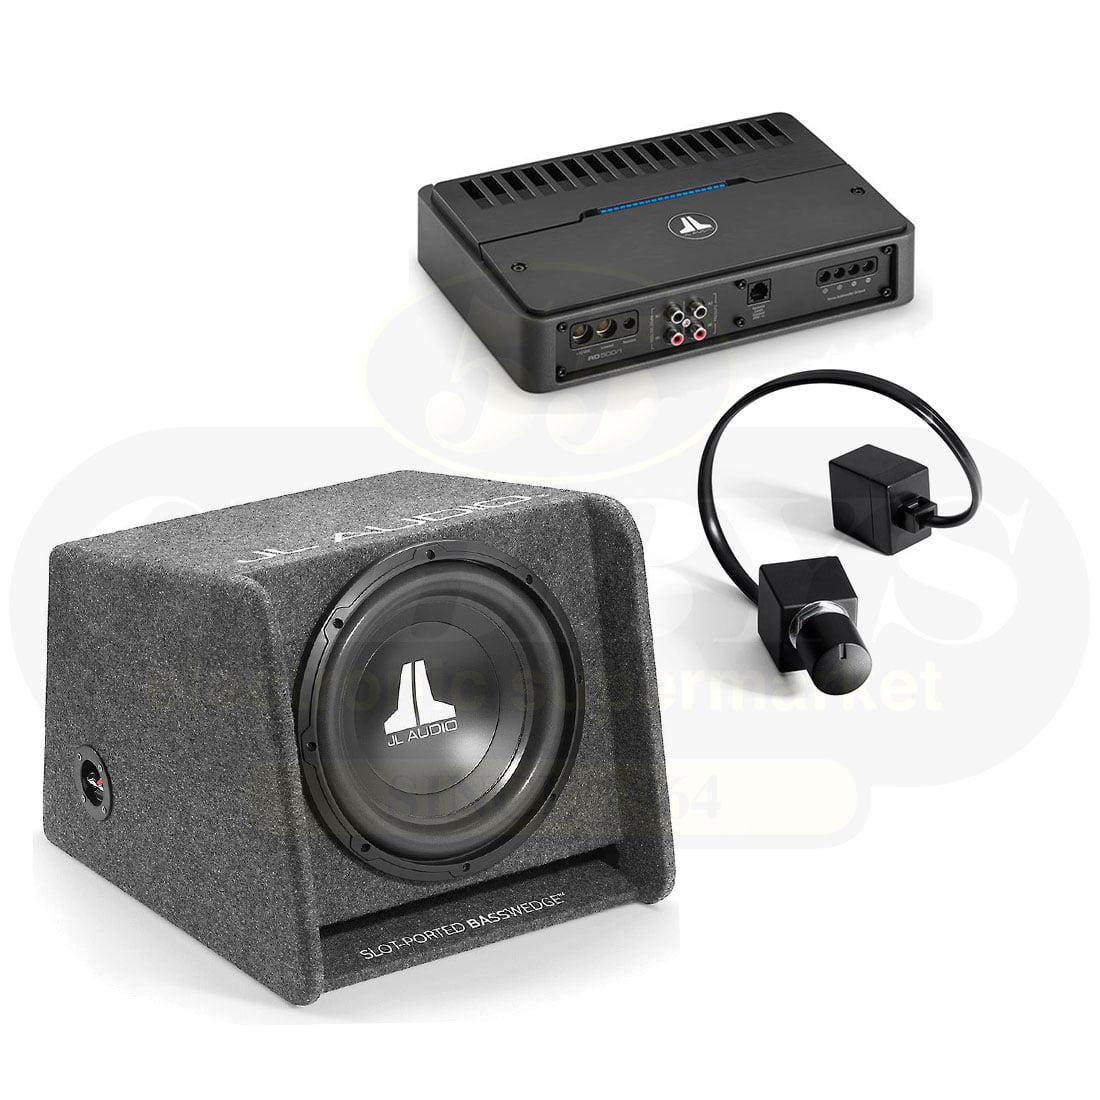 JL Audio CP112-W0v3 12″Subwoofer | JL Audio RD500/1 Mono Subwoofer  Amplifier | RBC-1 Car Audio Bass Remote Control – Bundle - #98618 | #98015  |